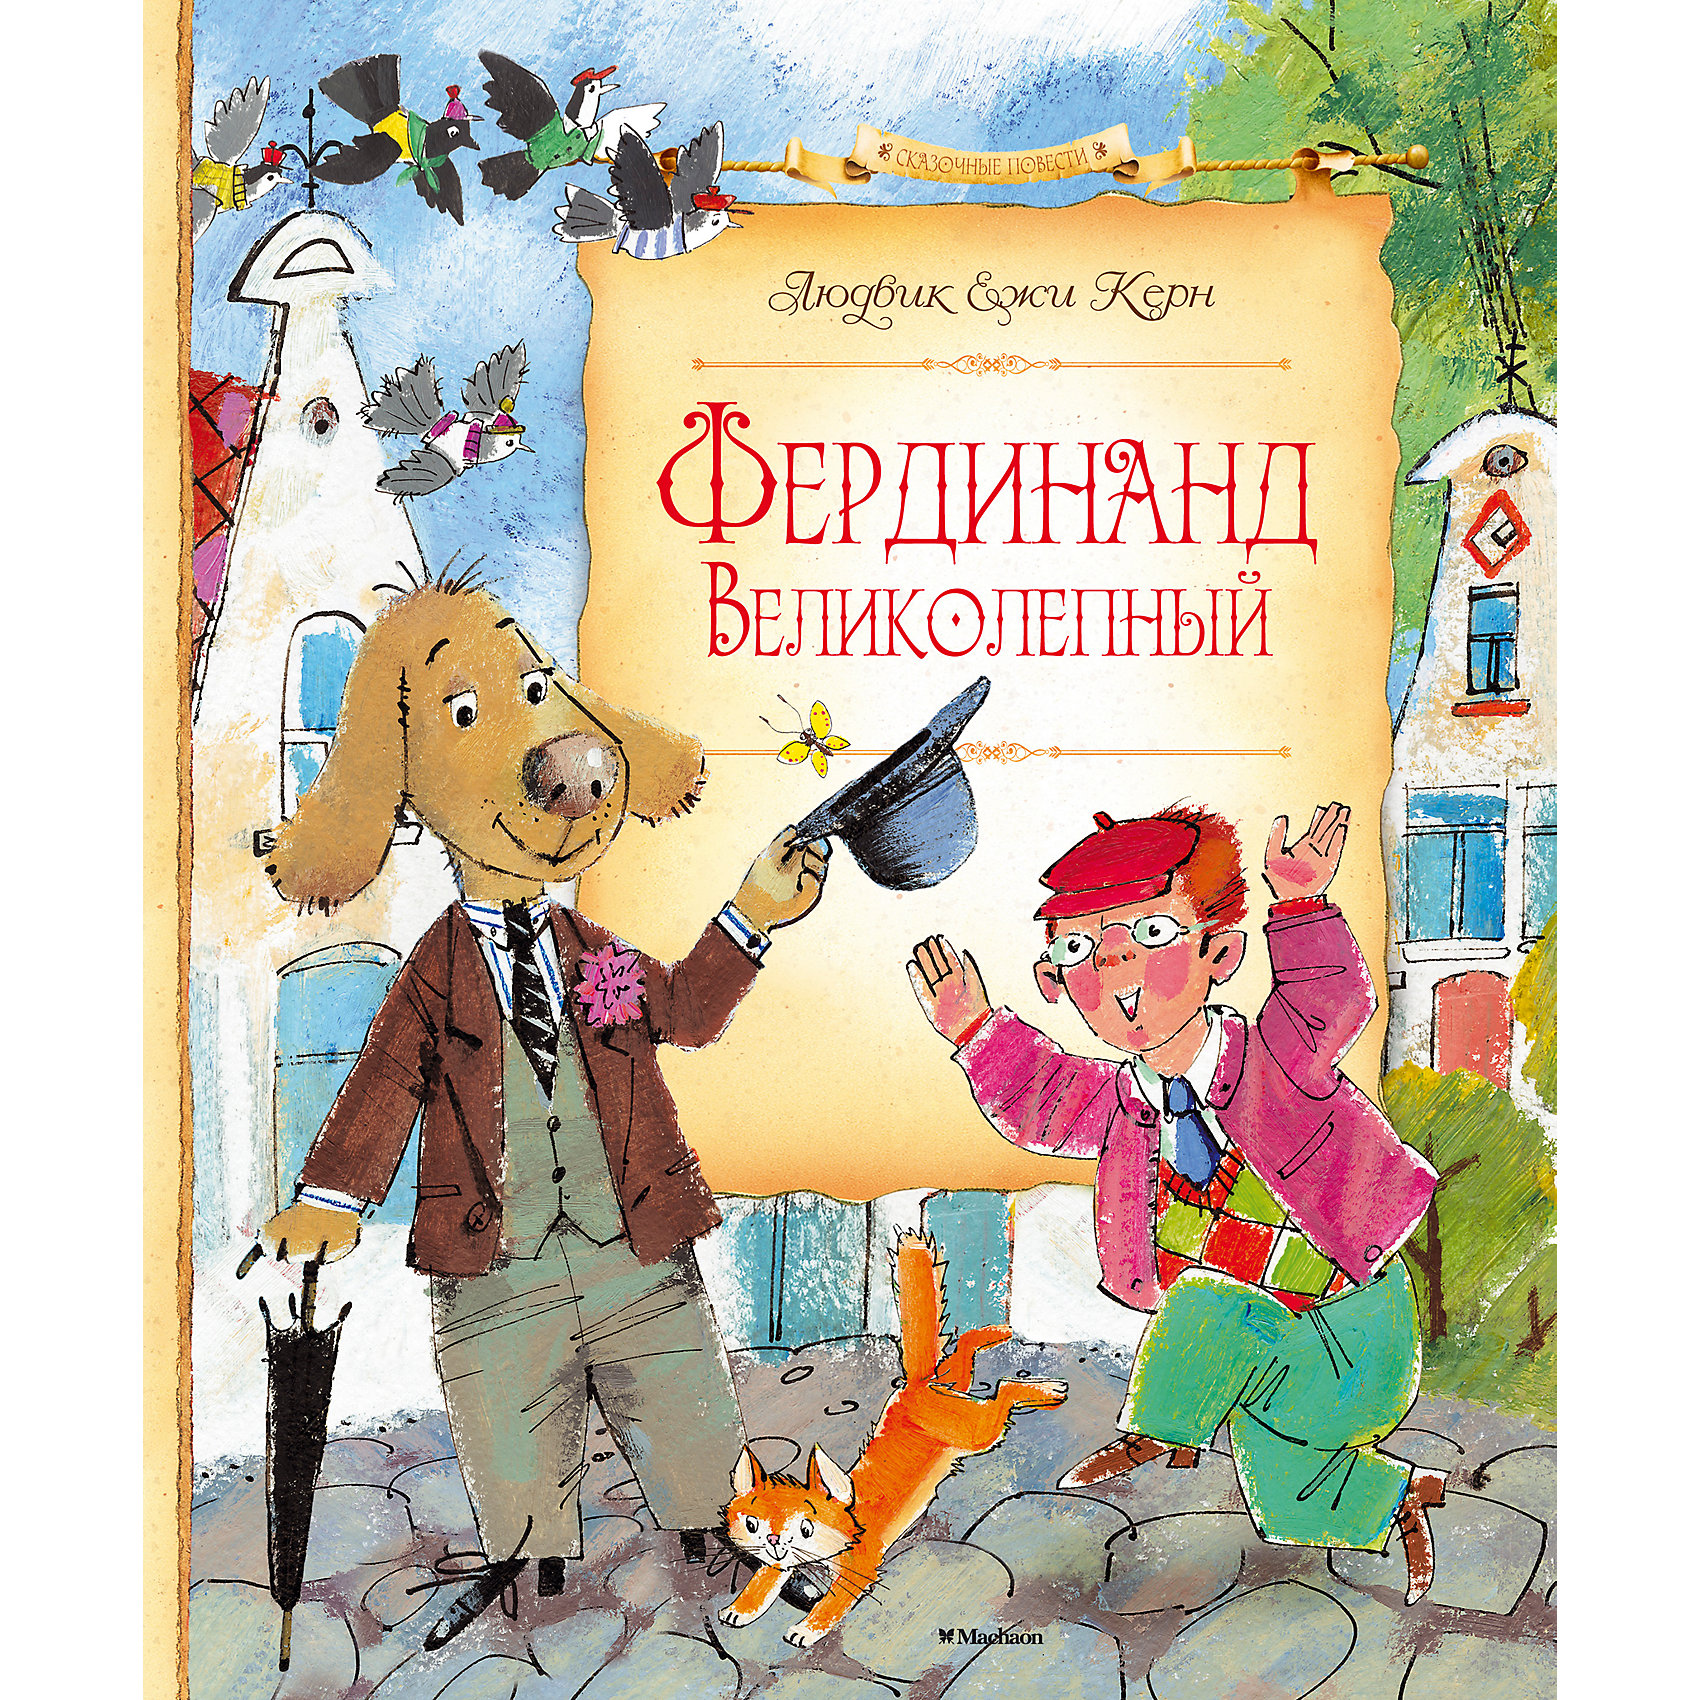 Фердинанд Великолепный, Л.Е. КернСказки, рассказы, стихи<br>«Я написал книгу о собаке, и теперь, спустя сорок лет, меня мучает совесть. Я считал, что всё это выдумал, но на самом деле я просто списал книгу со своей собаки. Как-то вечером мы оставались дома одни, только я и она. Я что-то настукивал на своей теперь уже немодной печатной машинке, а моя собака лежала у моих ног и тихо спала. Но потом вдруг что-то стало происходить. Сквозь сон моя собака начала улыбаться, пожимать лапами и будто хотела от кого-то или от чего-то убежать. Без сомнения: ей снился сон. Оказывается, и у собак, как и у людей, бывают мечты. А вдруг она мечтает стать человеком?.. Так в моей голове сложилась книга. Оставался лишь самый пустяк: просто записать её».<br><br>Ширина мм: 235<br>Глубина мм: 195<br>Высота мм: 13<br>Вес г: 464<br>Возраст от месяцев: 84<br>Возраст до месяцев: 120<br>Пол: Унисекс<br>Возраст: Детский<br>SKU: 4818093